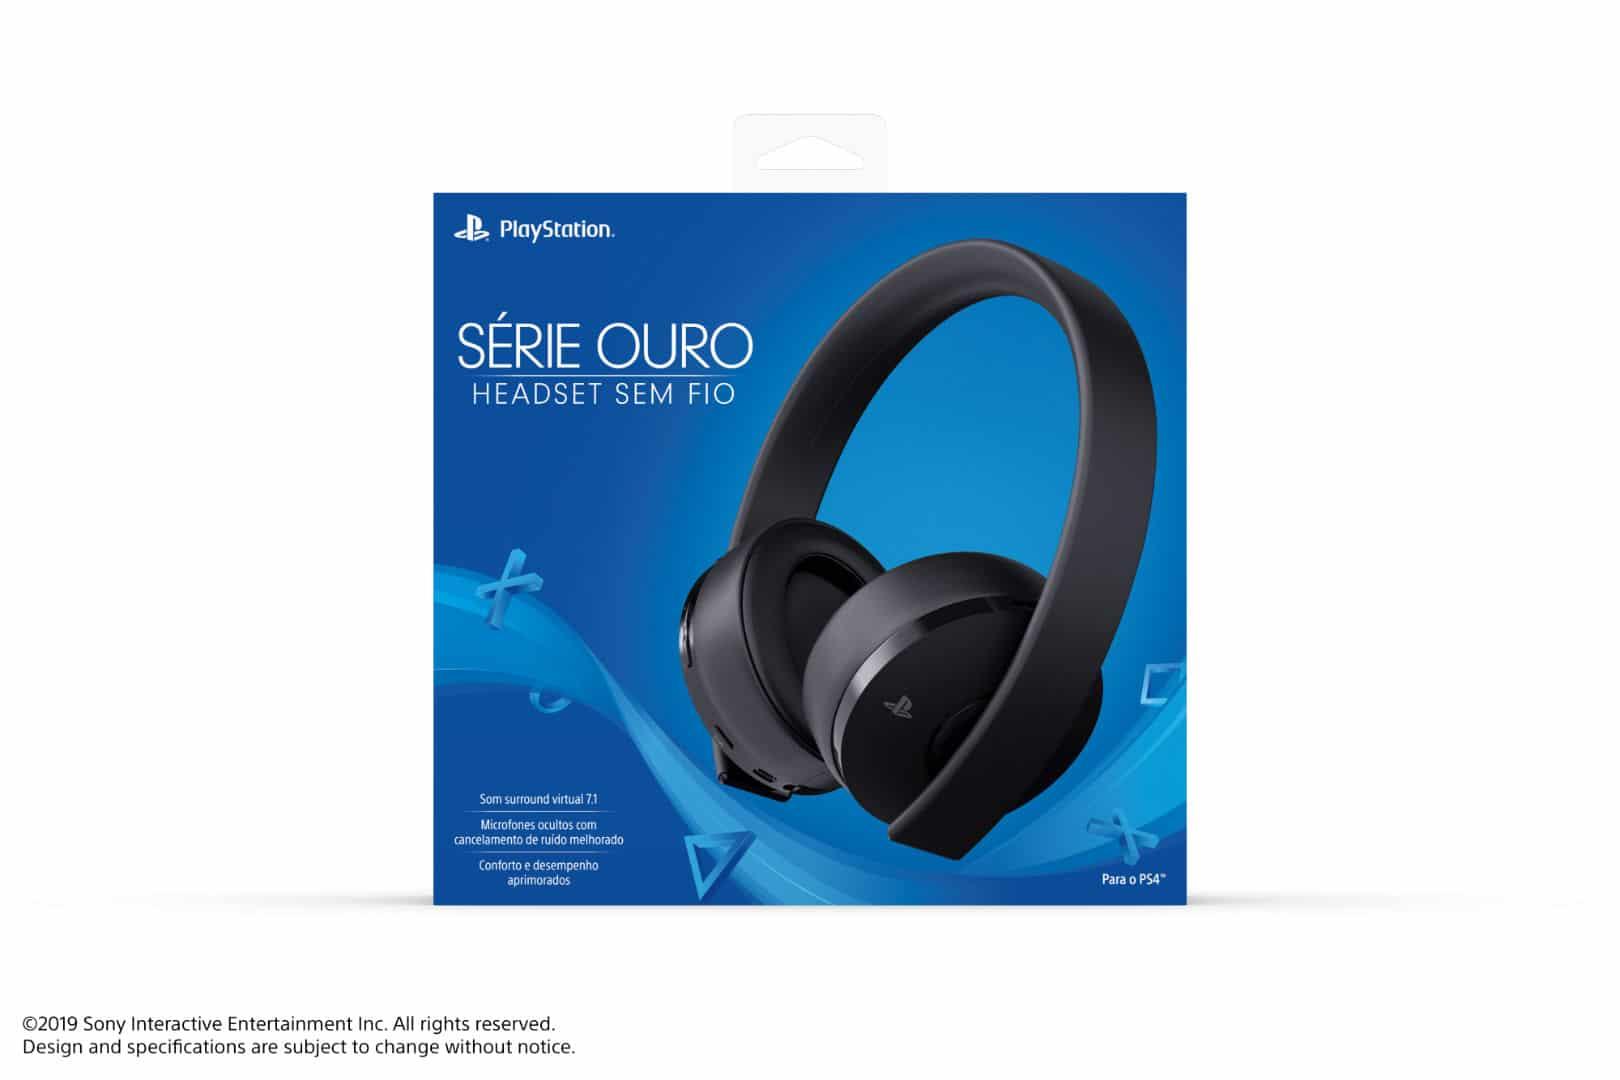 Headset PlayStation Série Ouro chega oficialmente ao Brasil por R$ 499 6